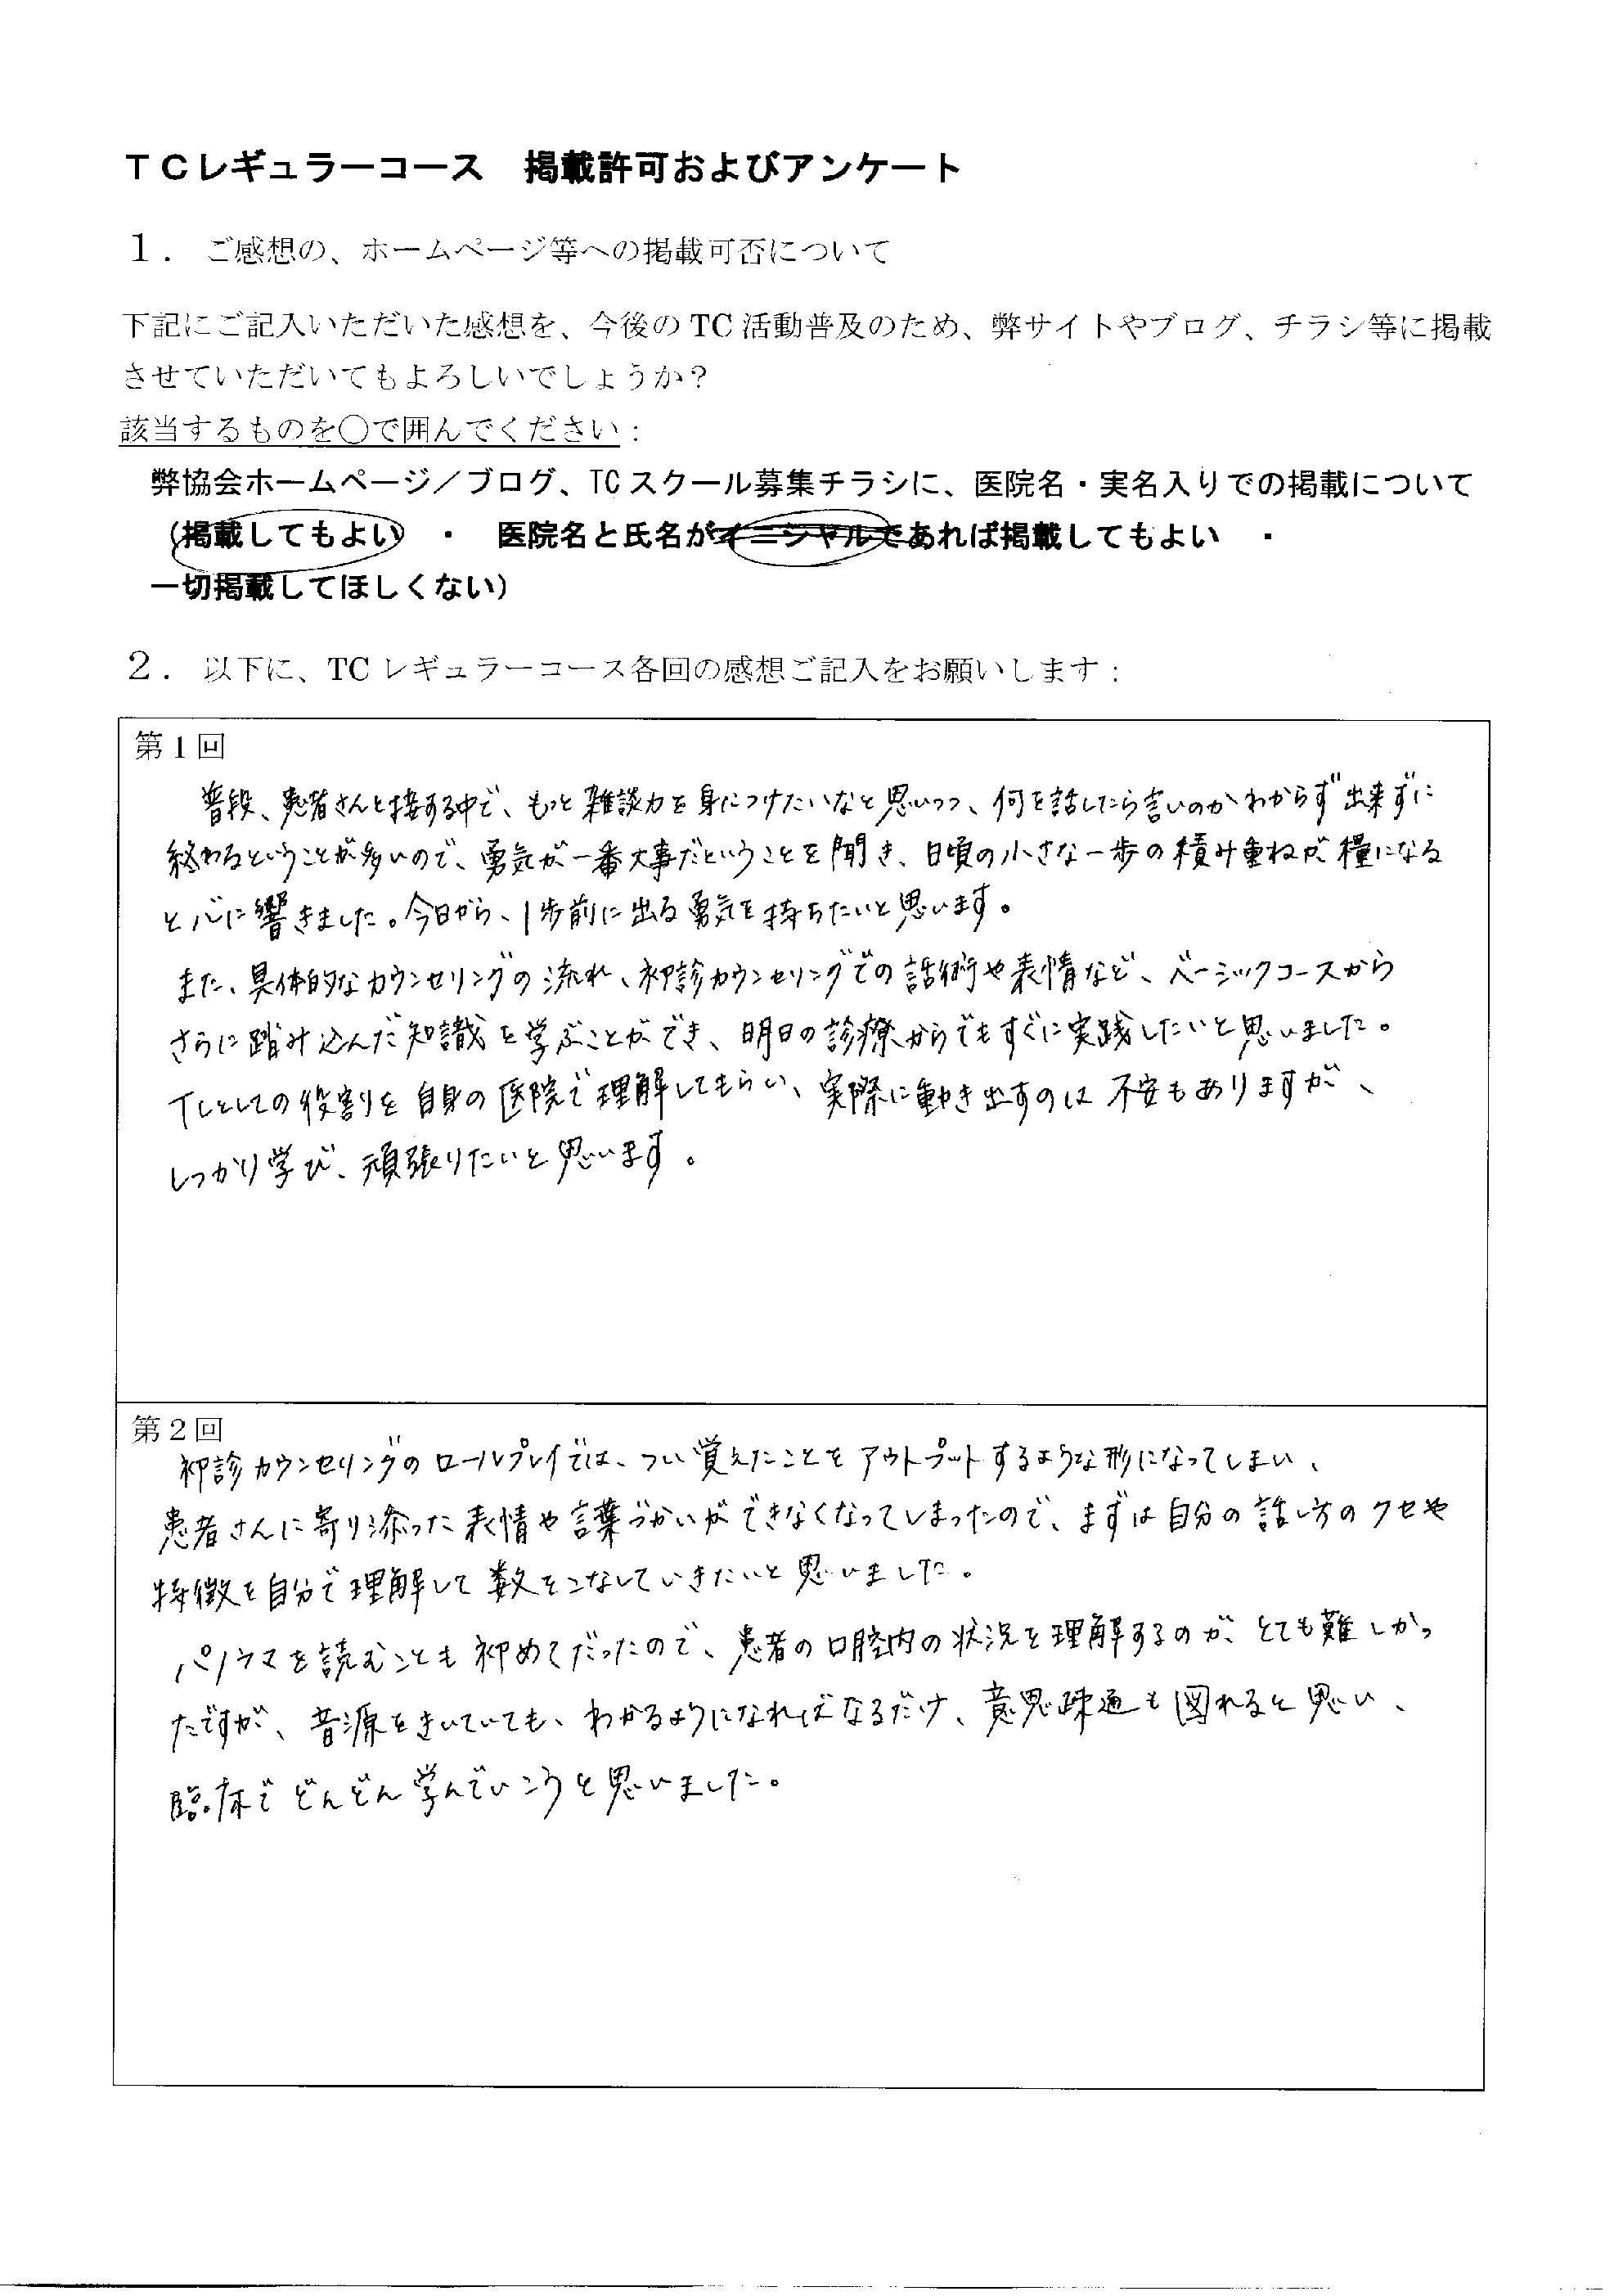 佐藤千尋 様アンケート